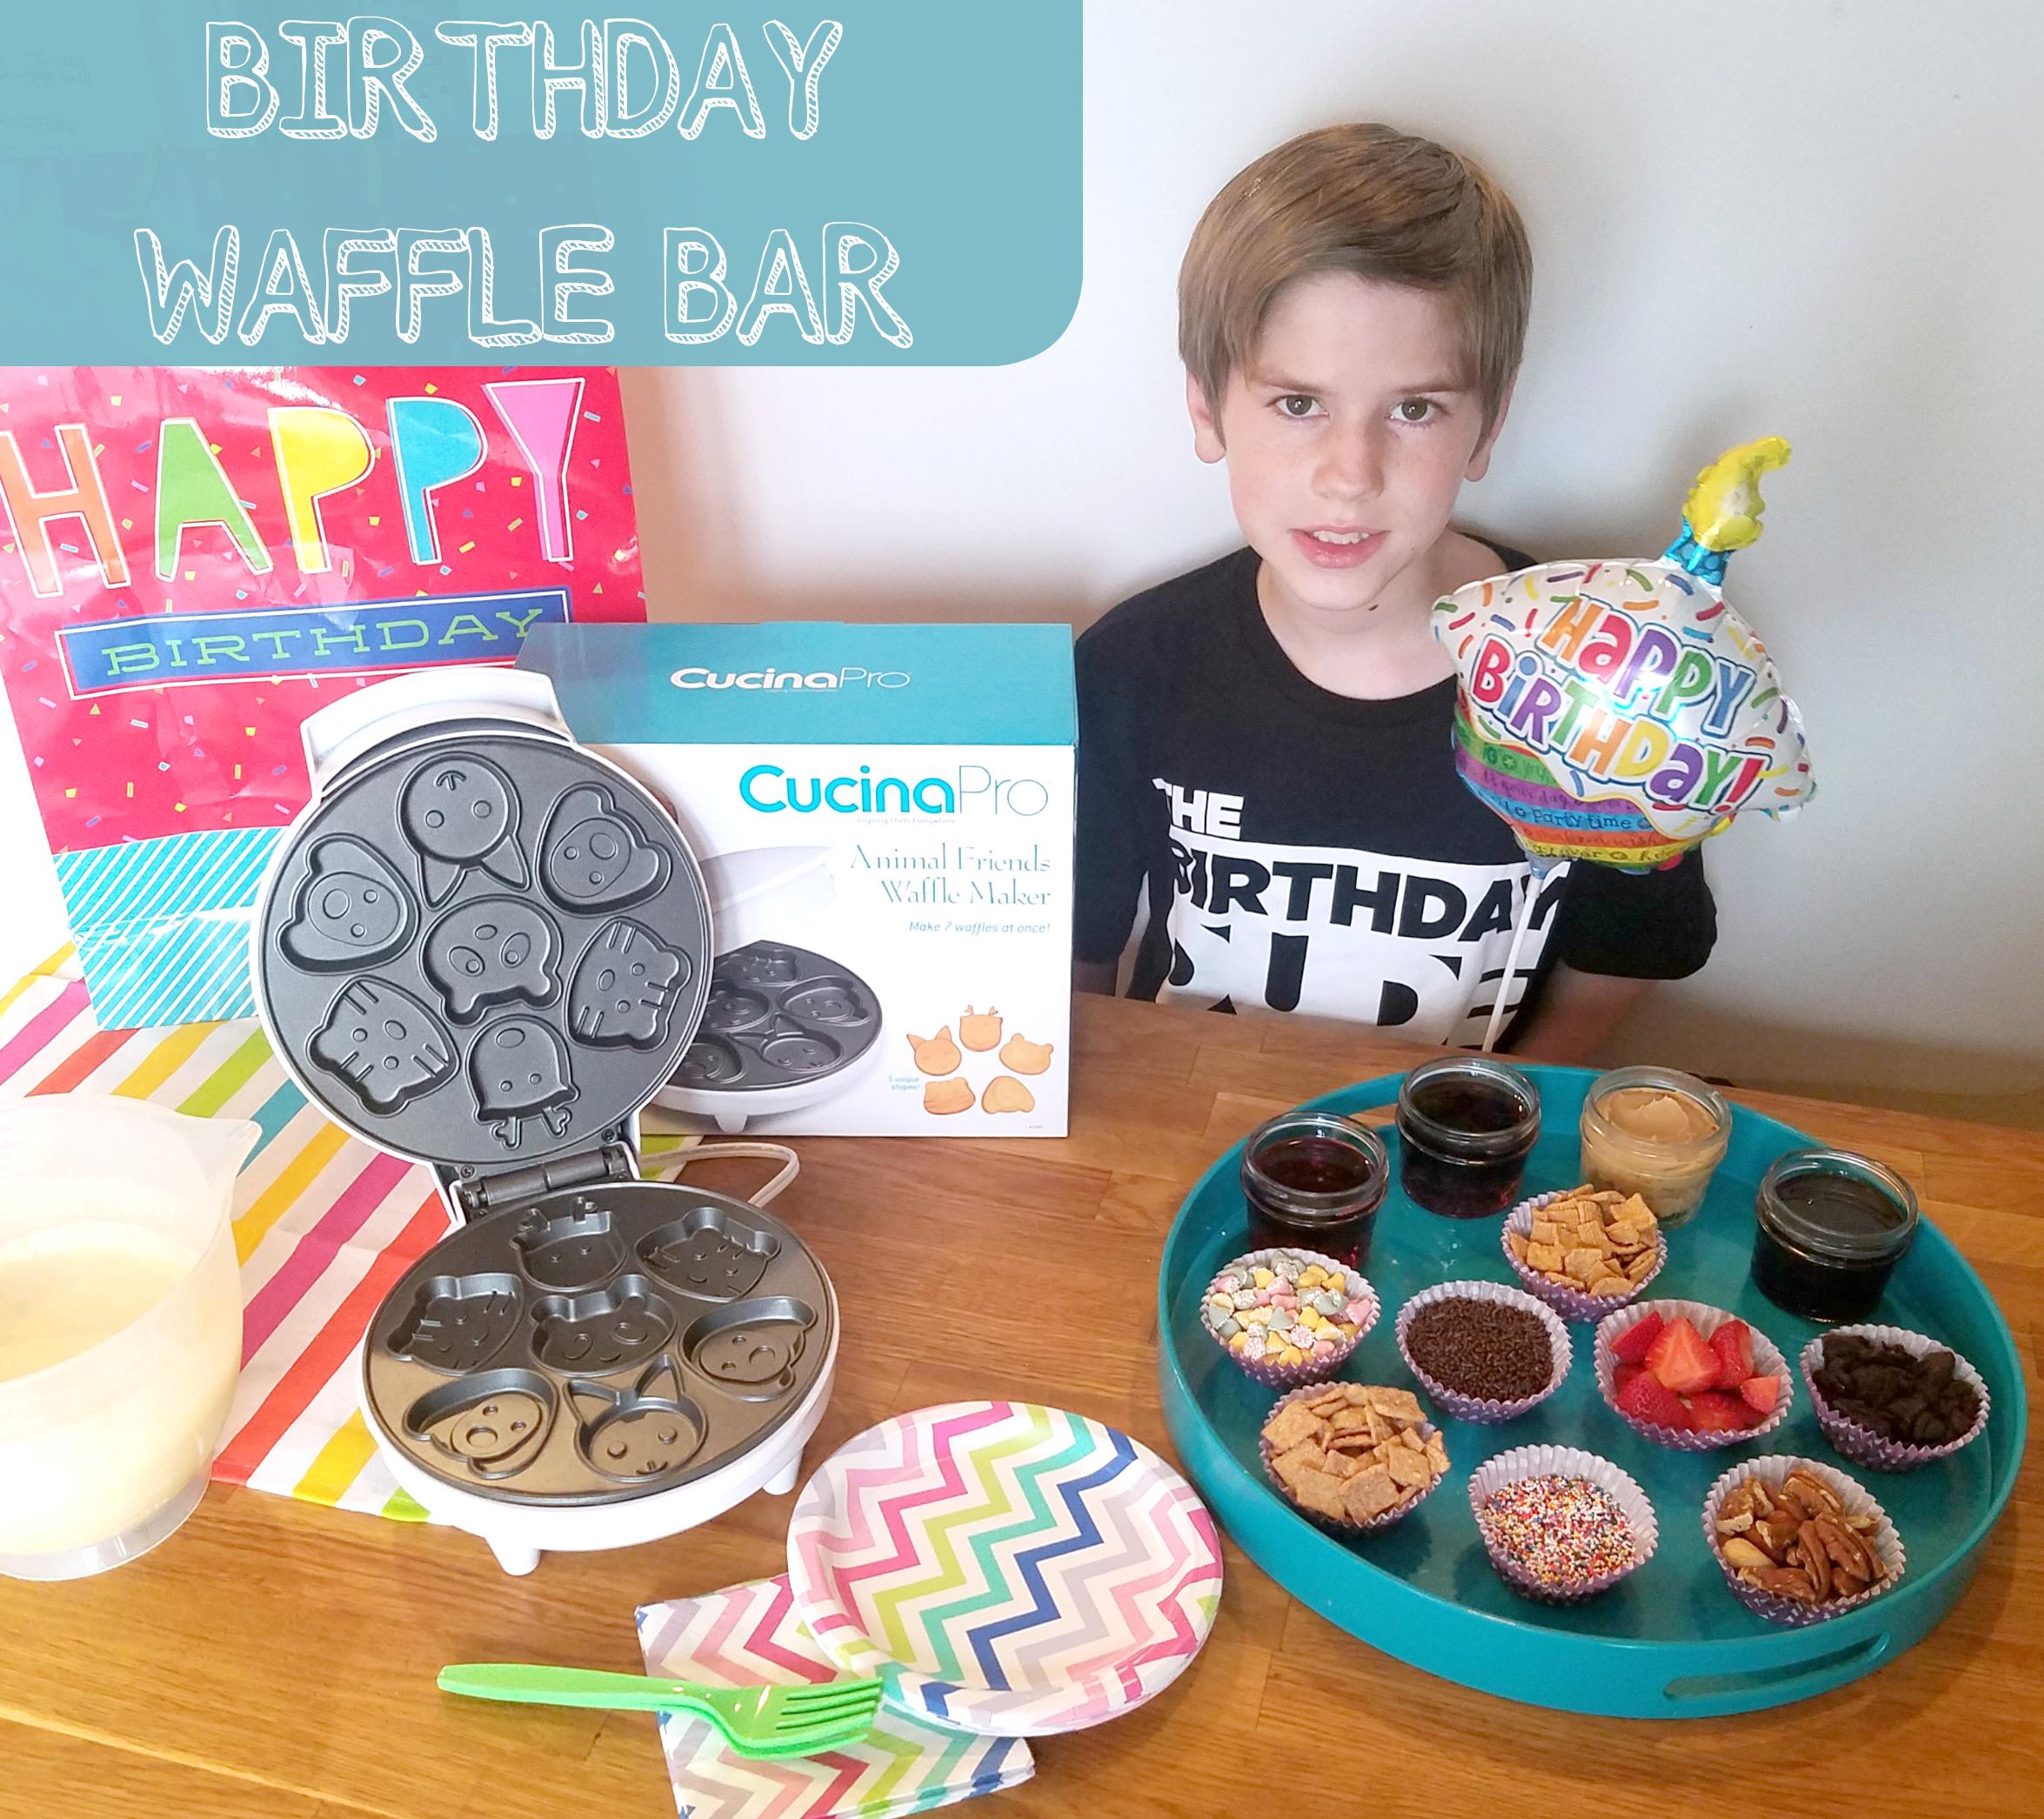 birthday waffle bar